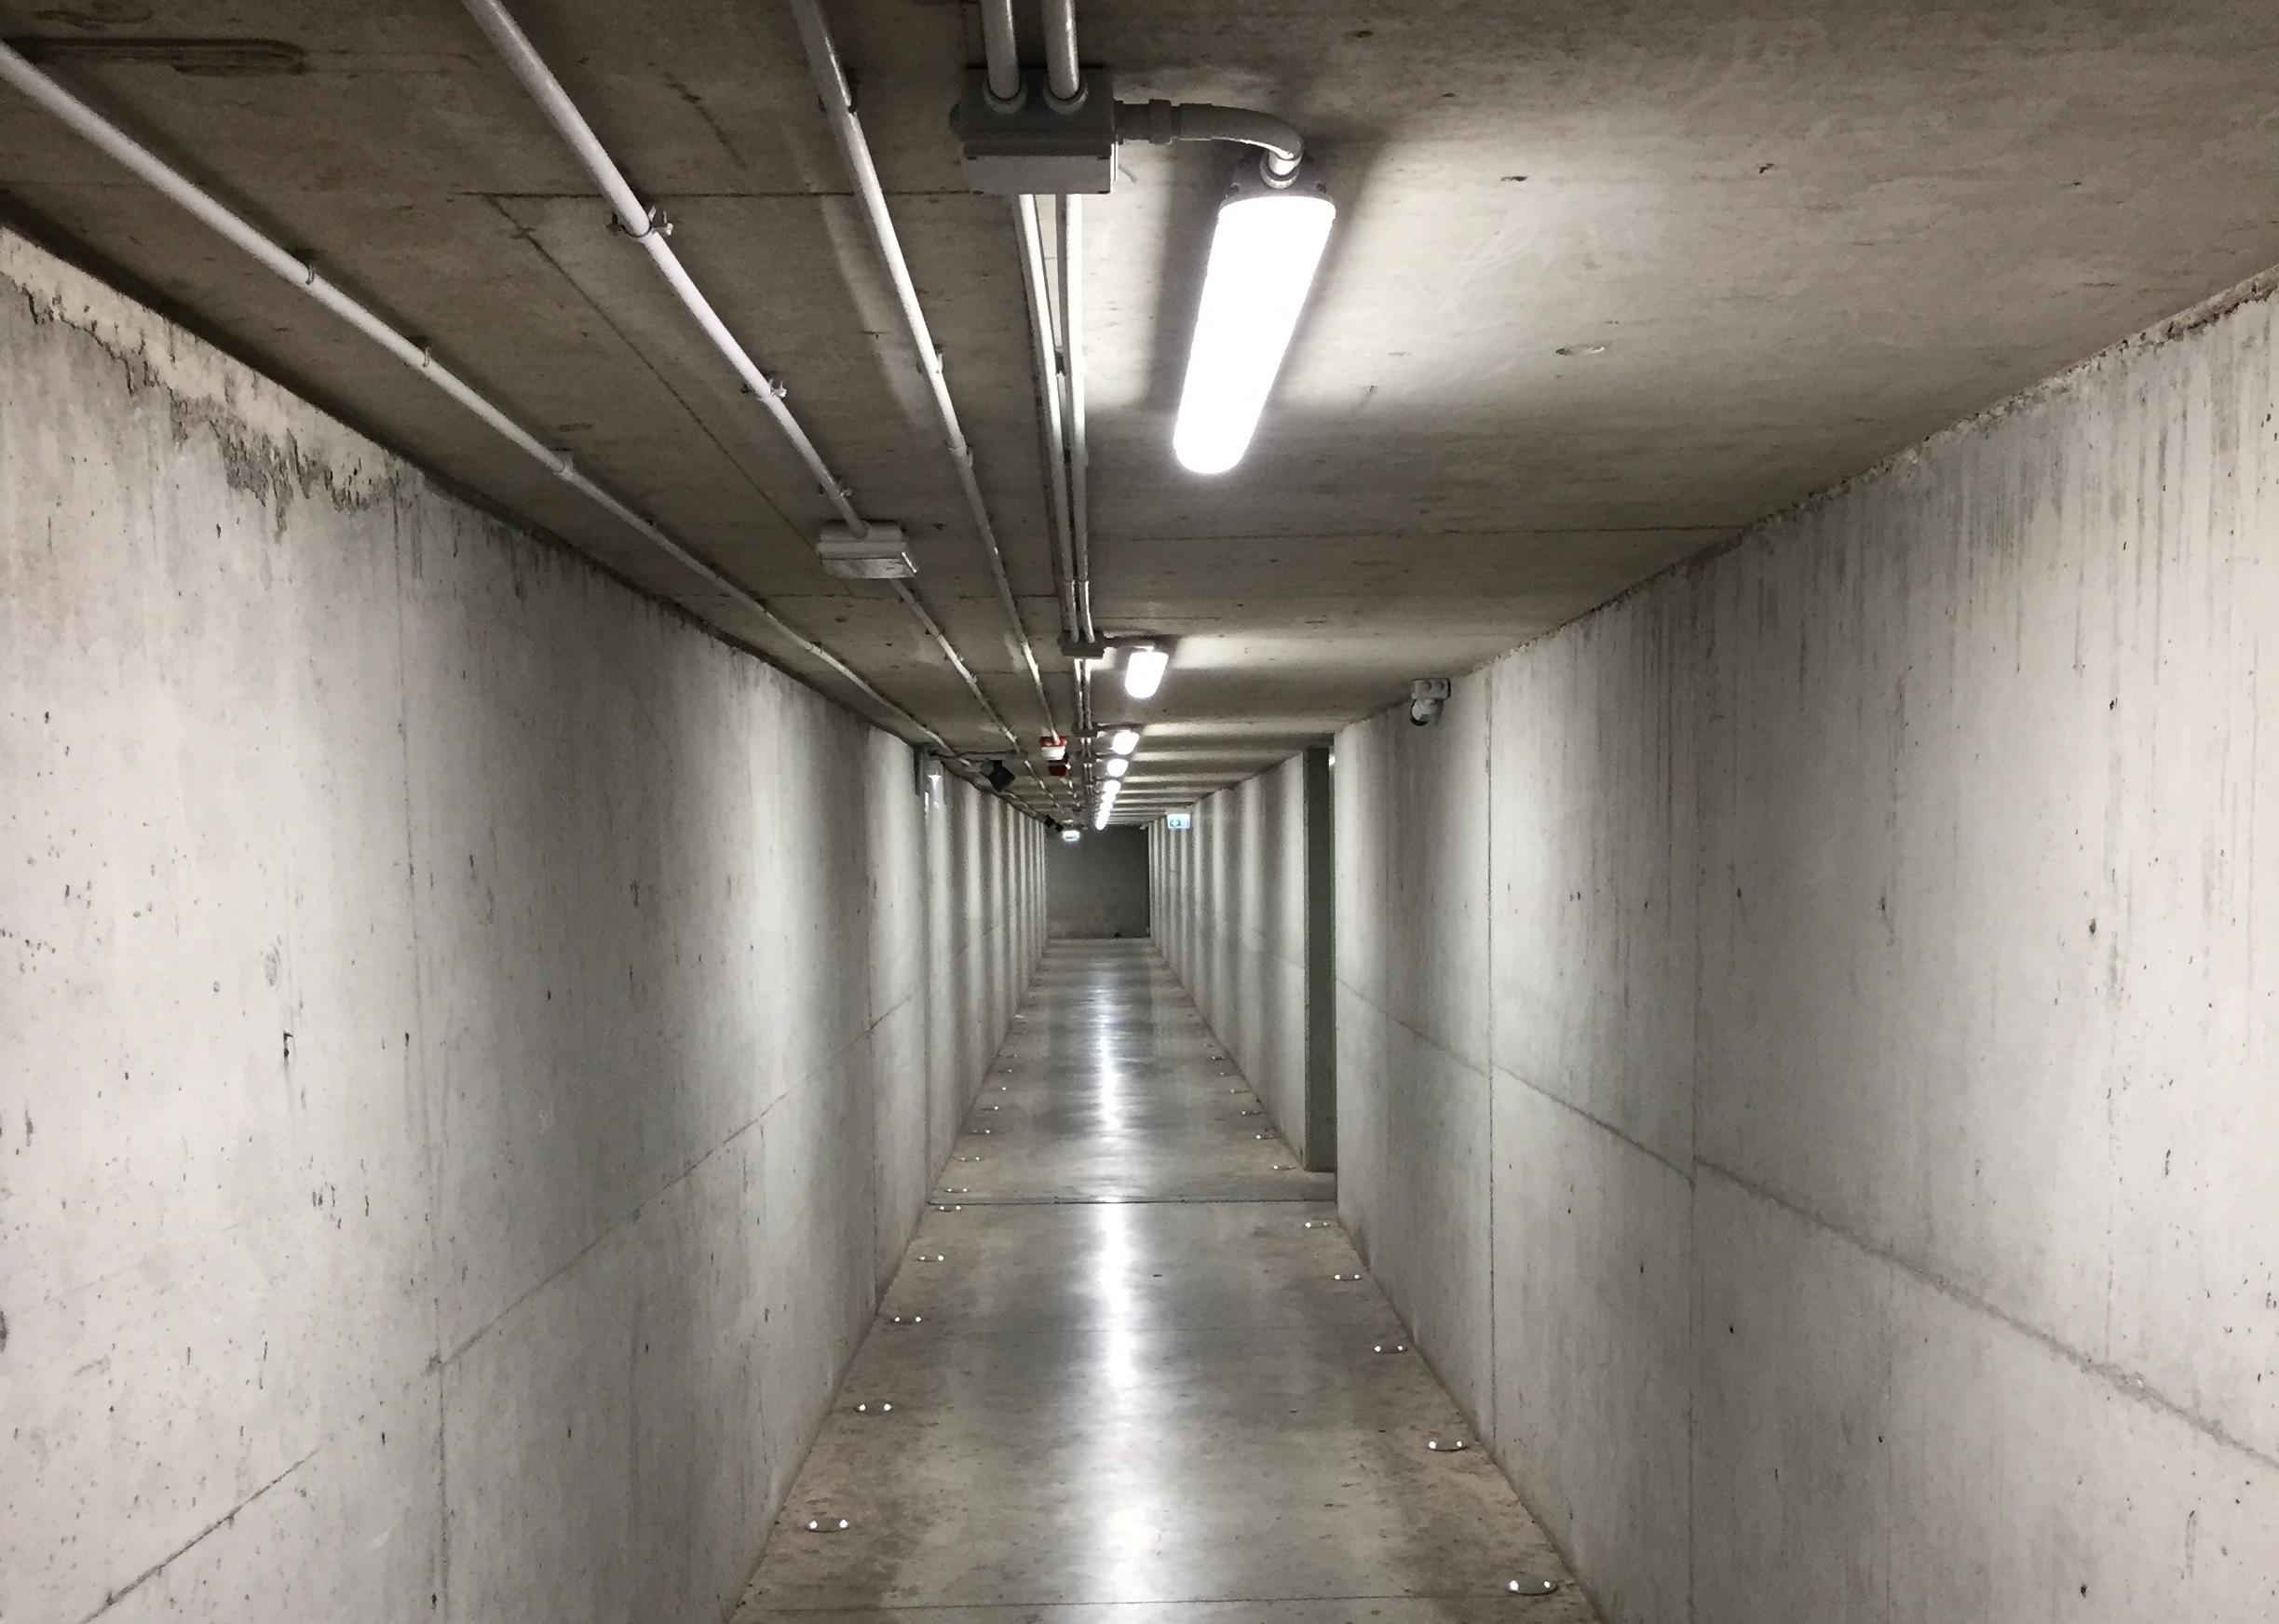 Claustrofobia o Fobia a los espacios cerrados - Hasta un 3 % de la población sufre este miedo a los espacios cerrados y pequeños. El miedo se activa en lugares como ascensores, sótanos pequeños, túneles, vías del metro, etc. Suelen manifestarse dificultades para respirar, miedo a no poder escapar y quedarse encerrados y la creencia de que puedan quedarse sin oxígeno.